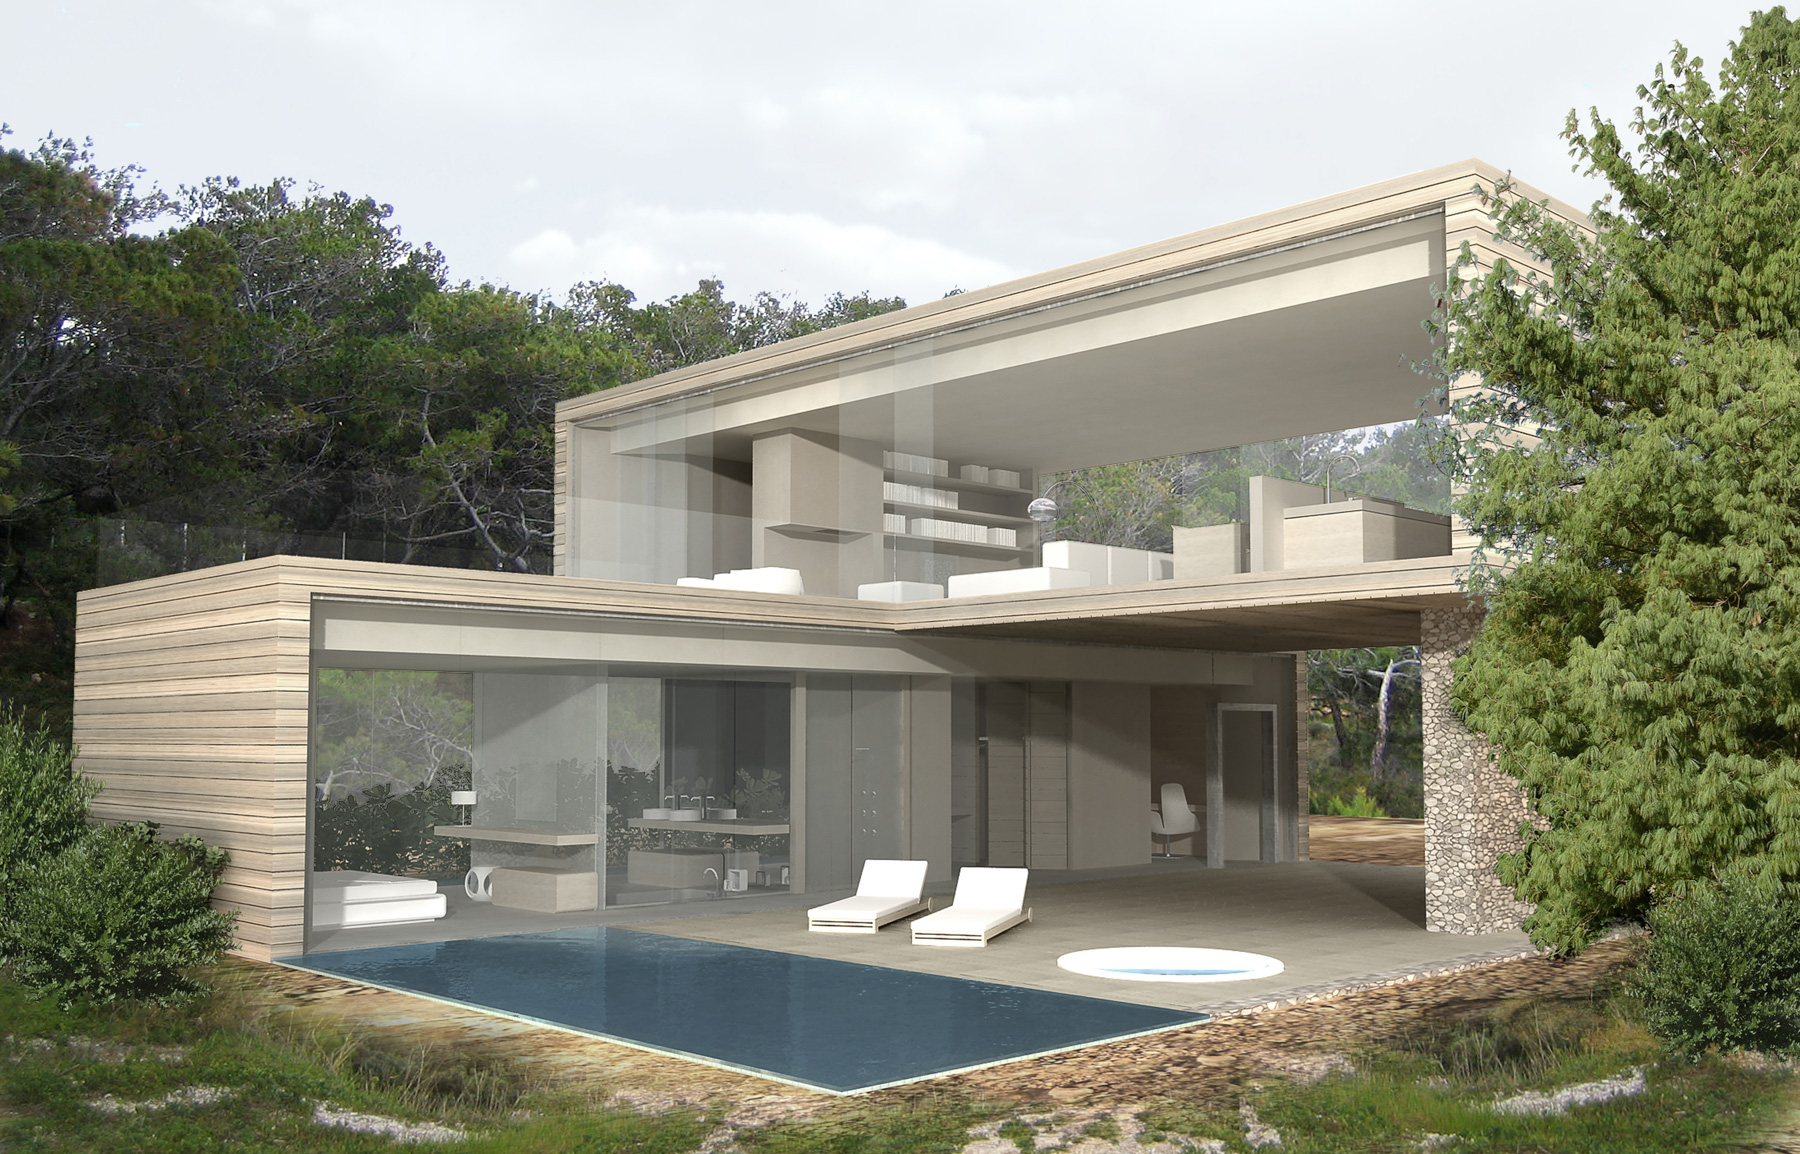 Afroditi Villas, Astir Palace / Athens, Greece